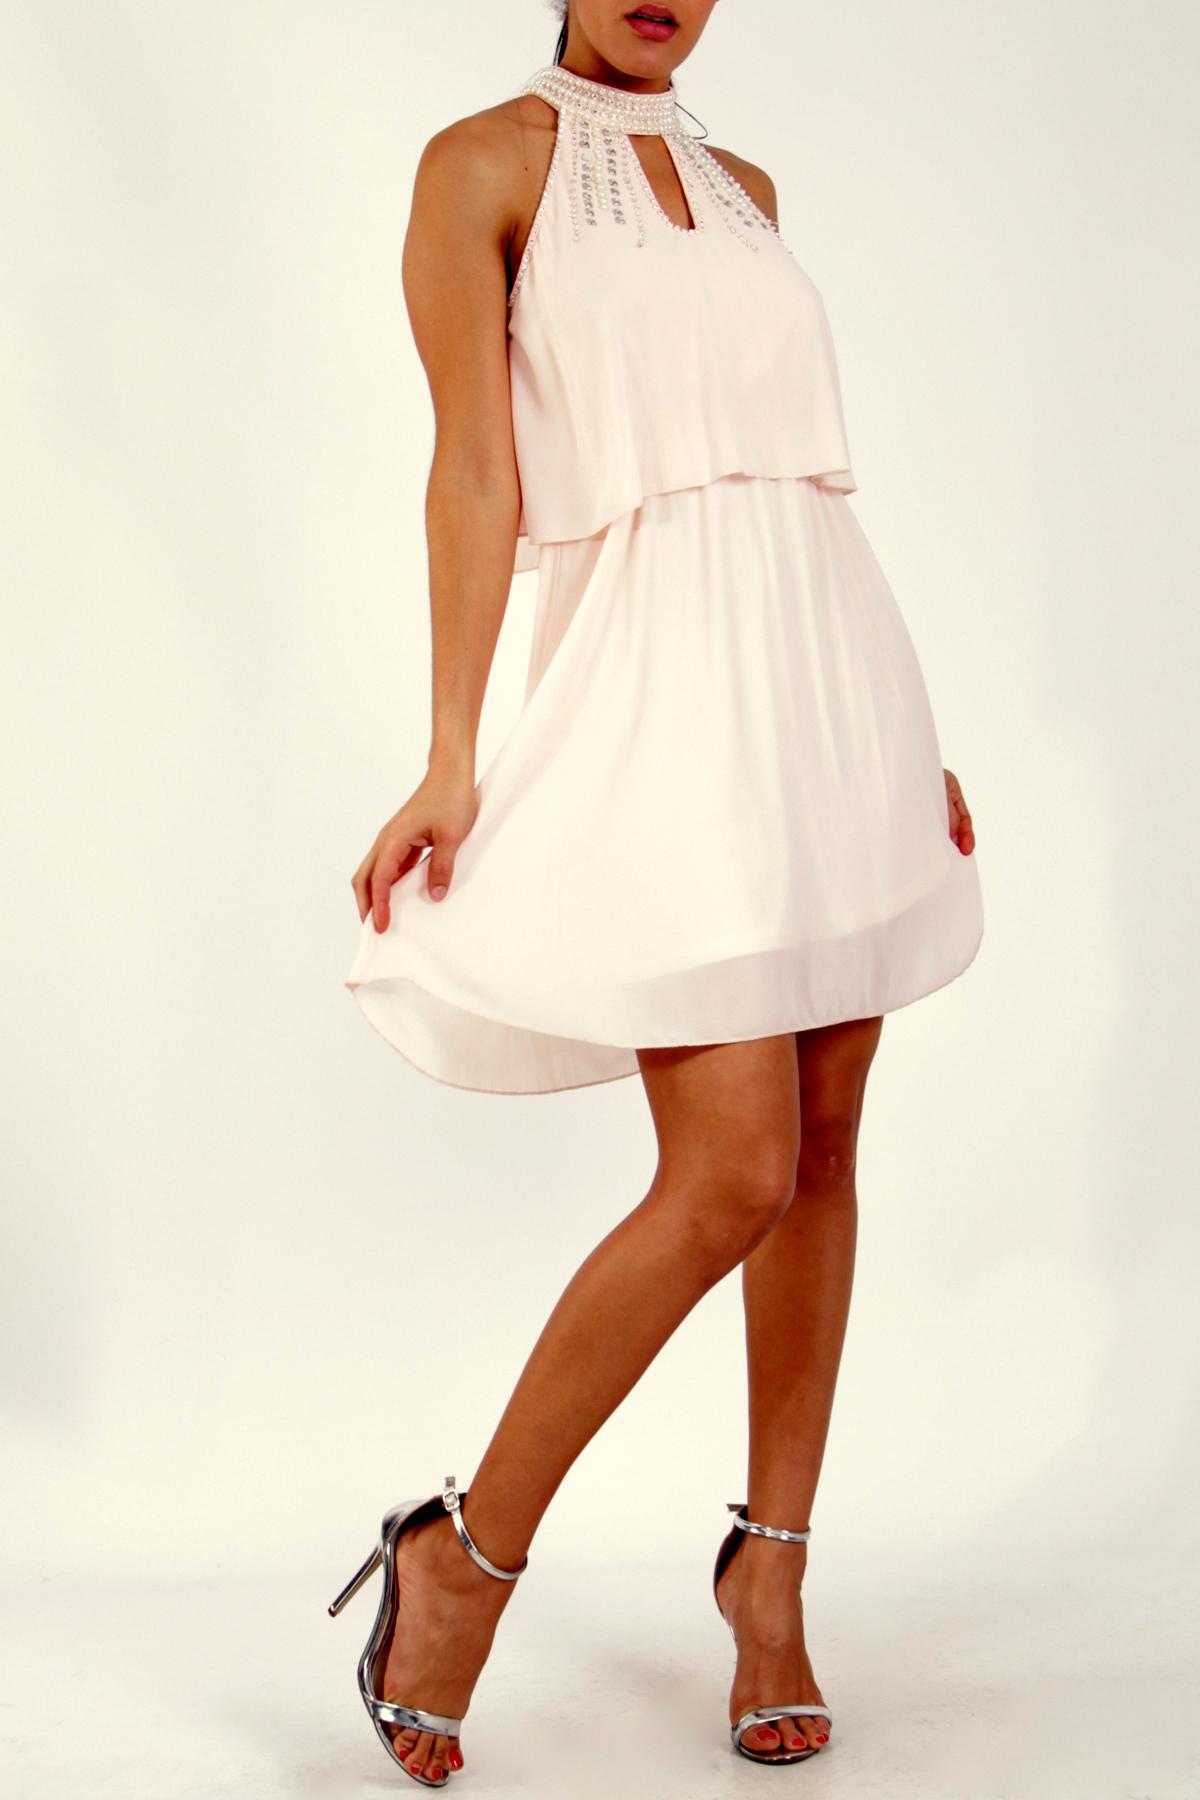 Luxusní společenské dámské šaty krátké 330846-5 růžová S M L 0c8c05b2179